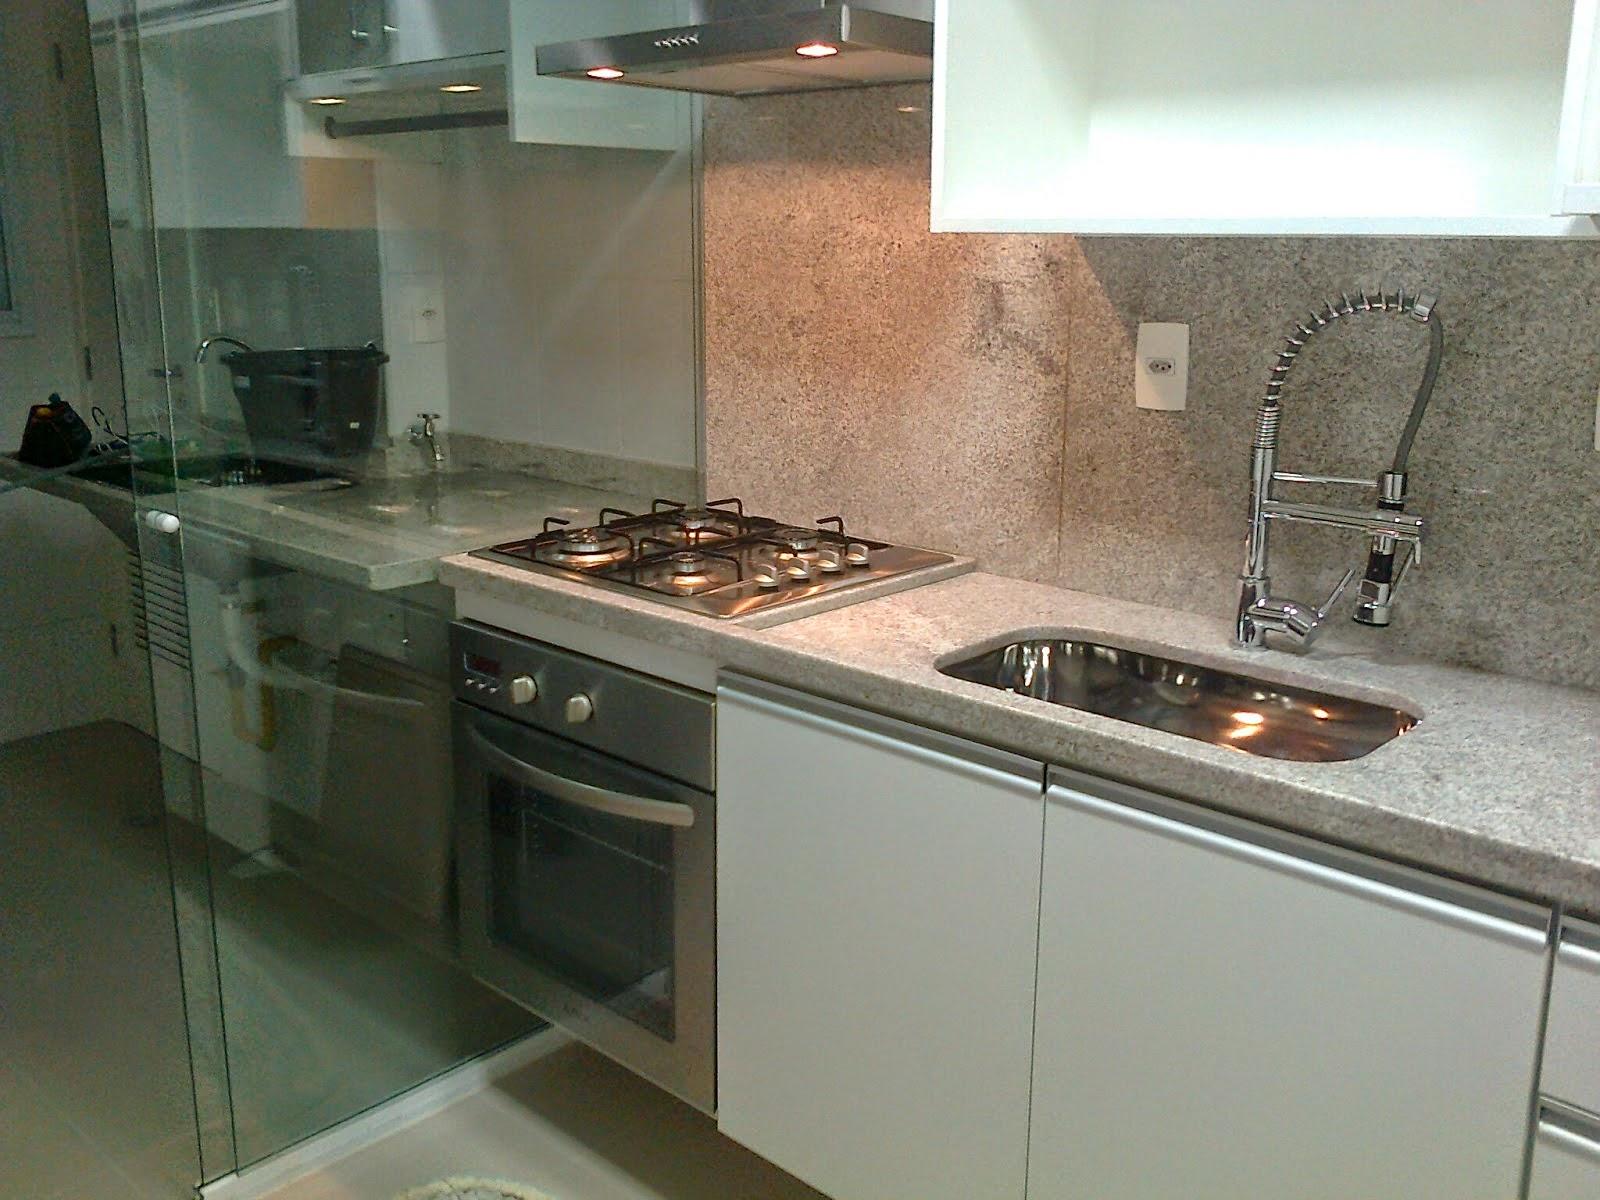 Divisoria De Vidro Entre Sala E Cozinha Divisorias De Vidro Cozinha